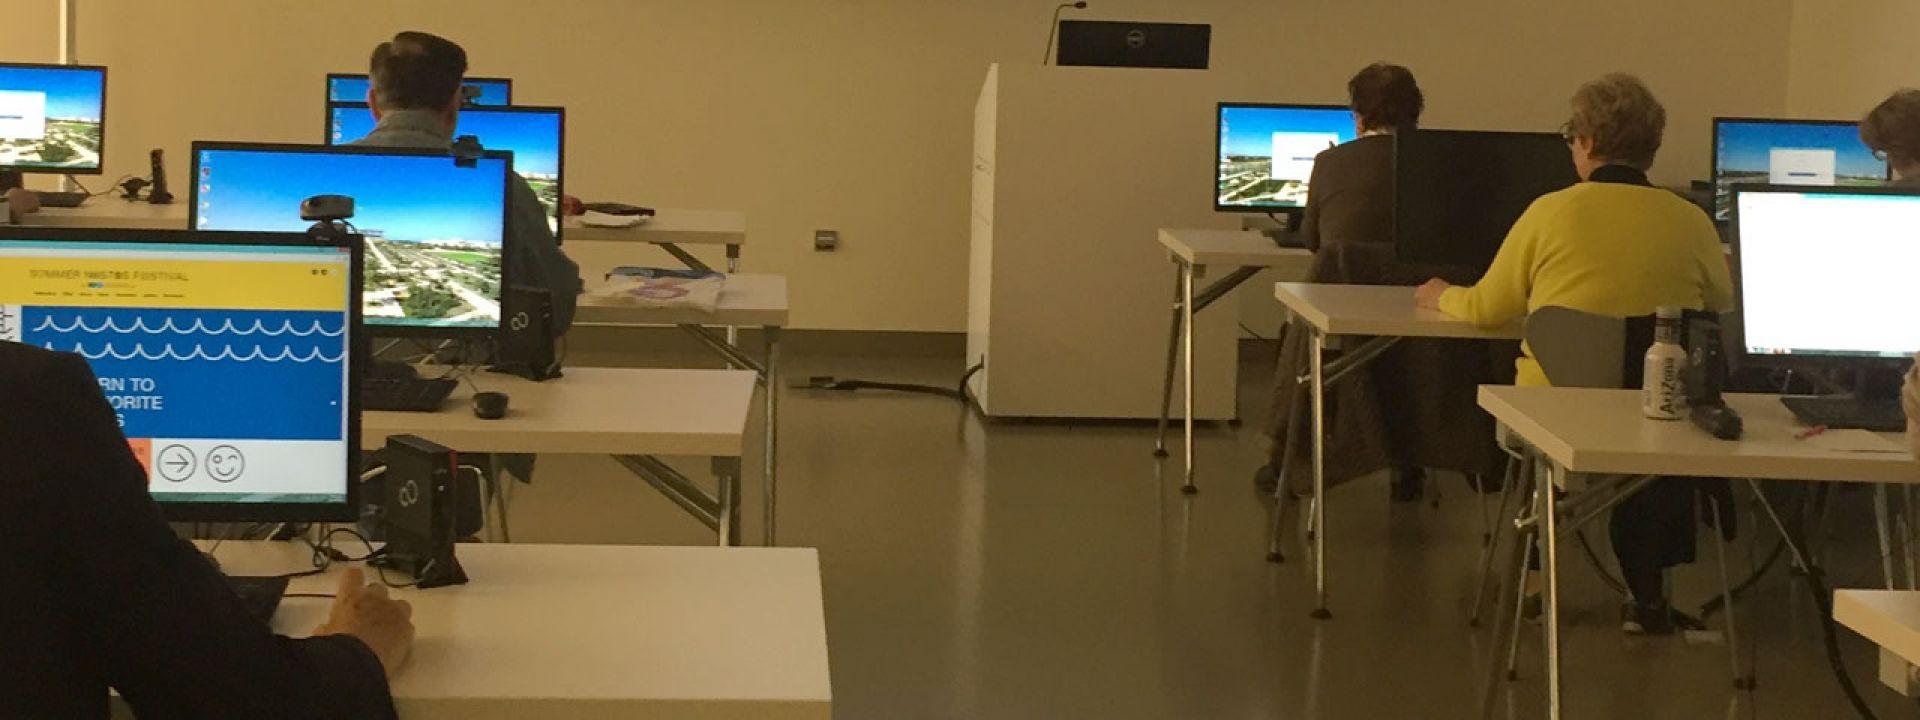 Μαθήματα Υπολογιστών για άτομα 65+ - Εικόνα